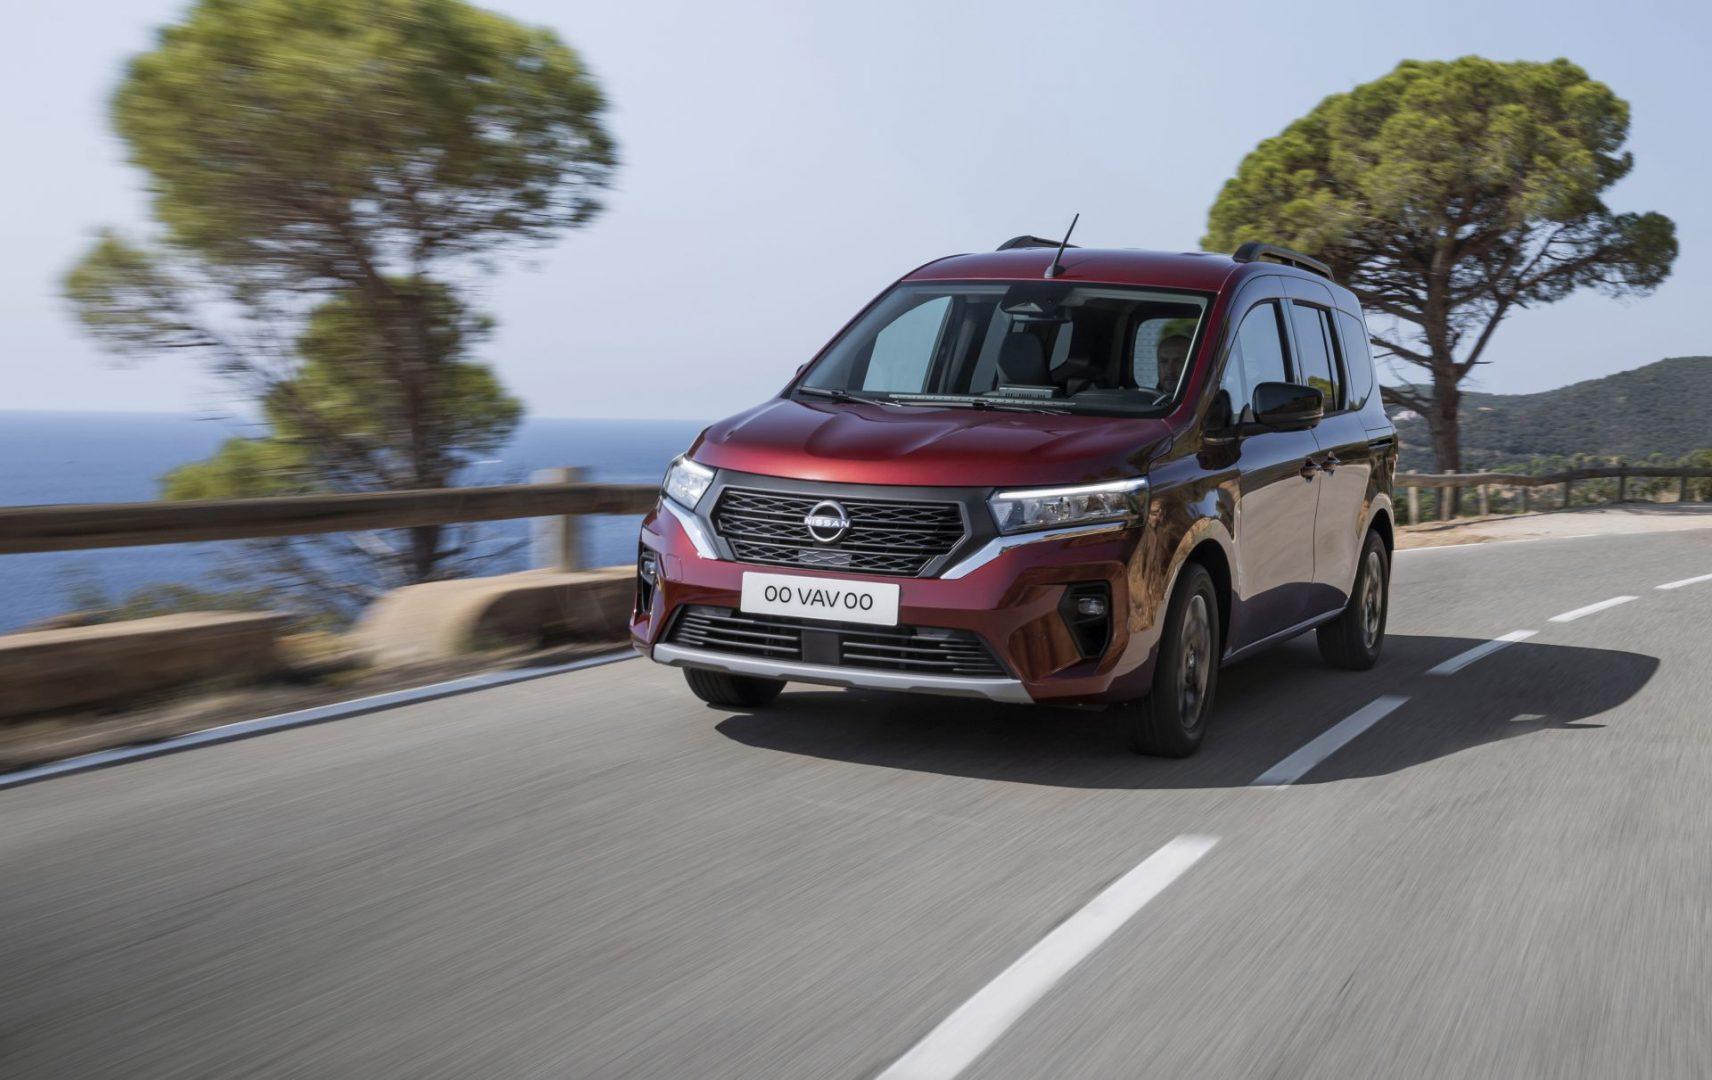 Nissan Townstar je kompaktni dostavnjak koji može imati i električni pogon